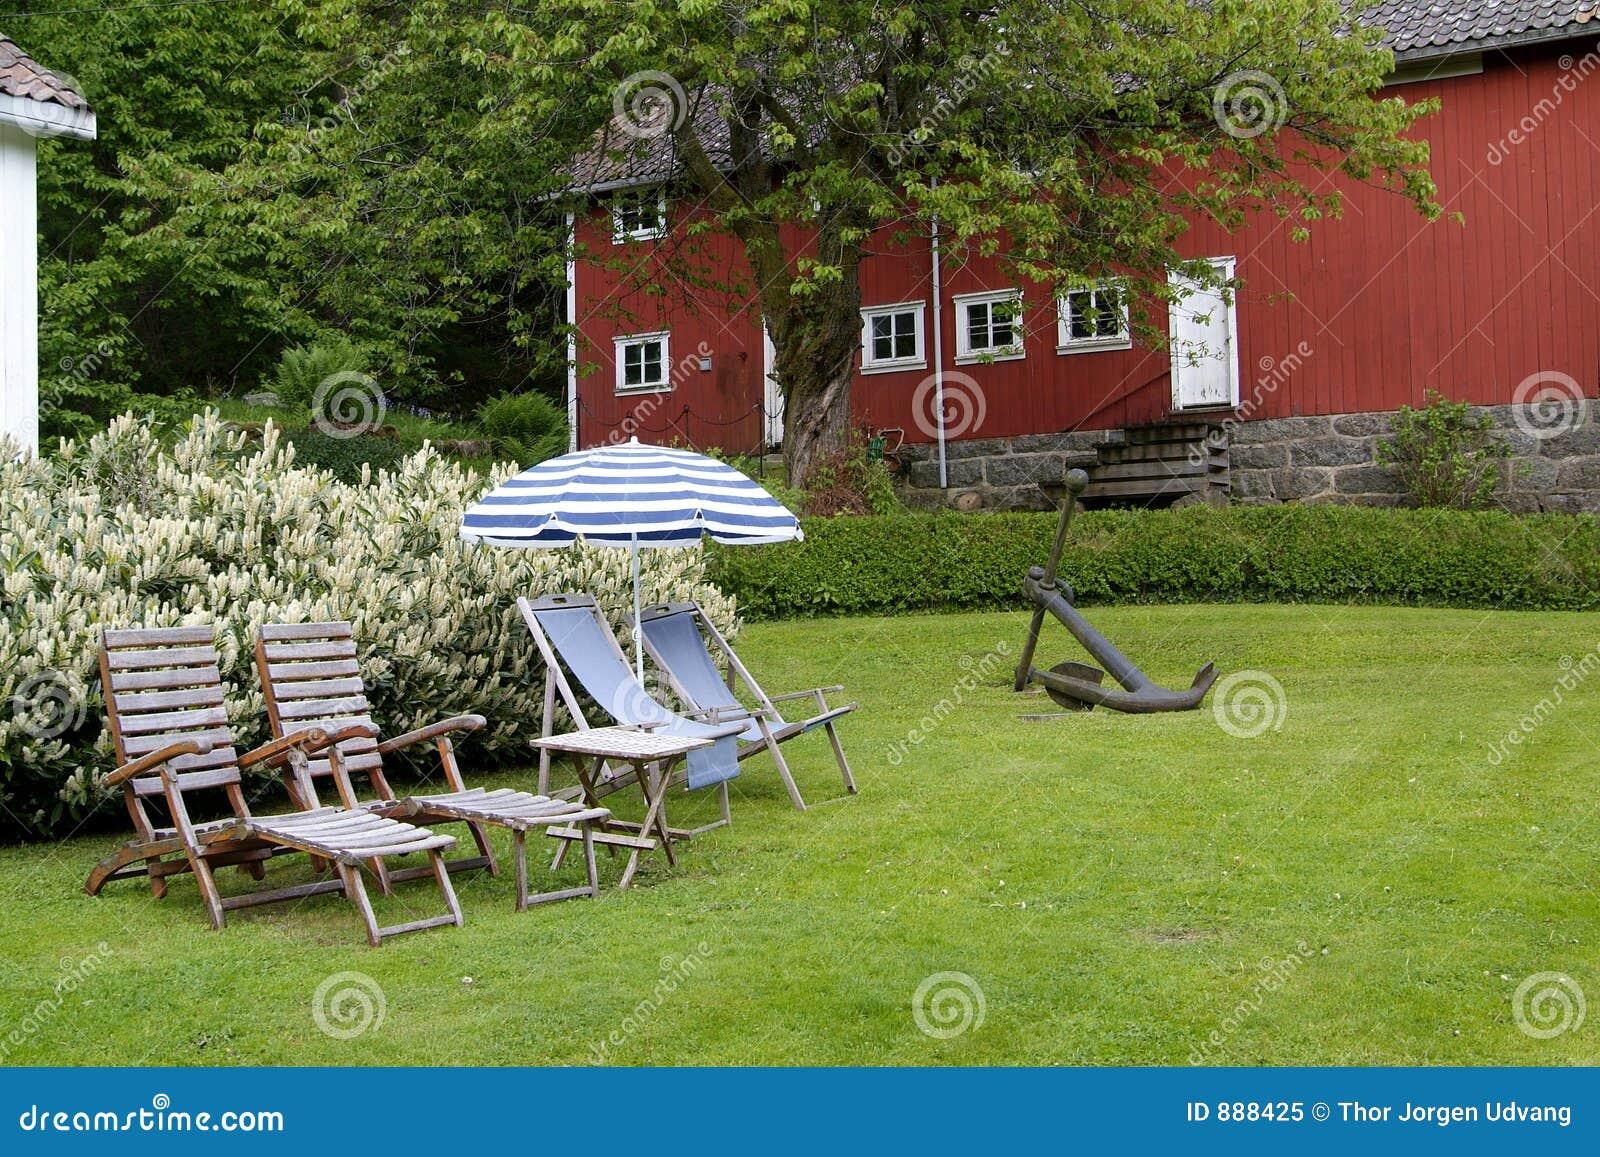 Krzesło ogródek uprawiają parasolkę